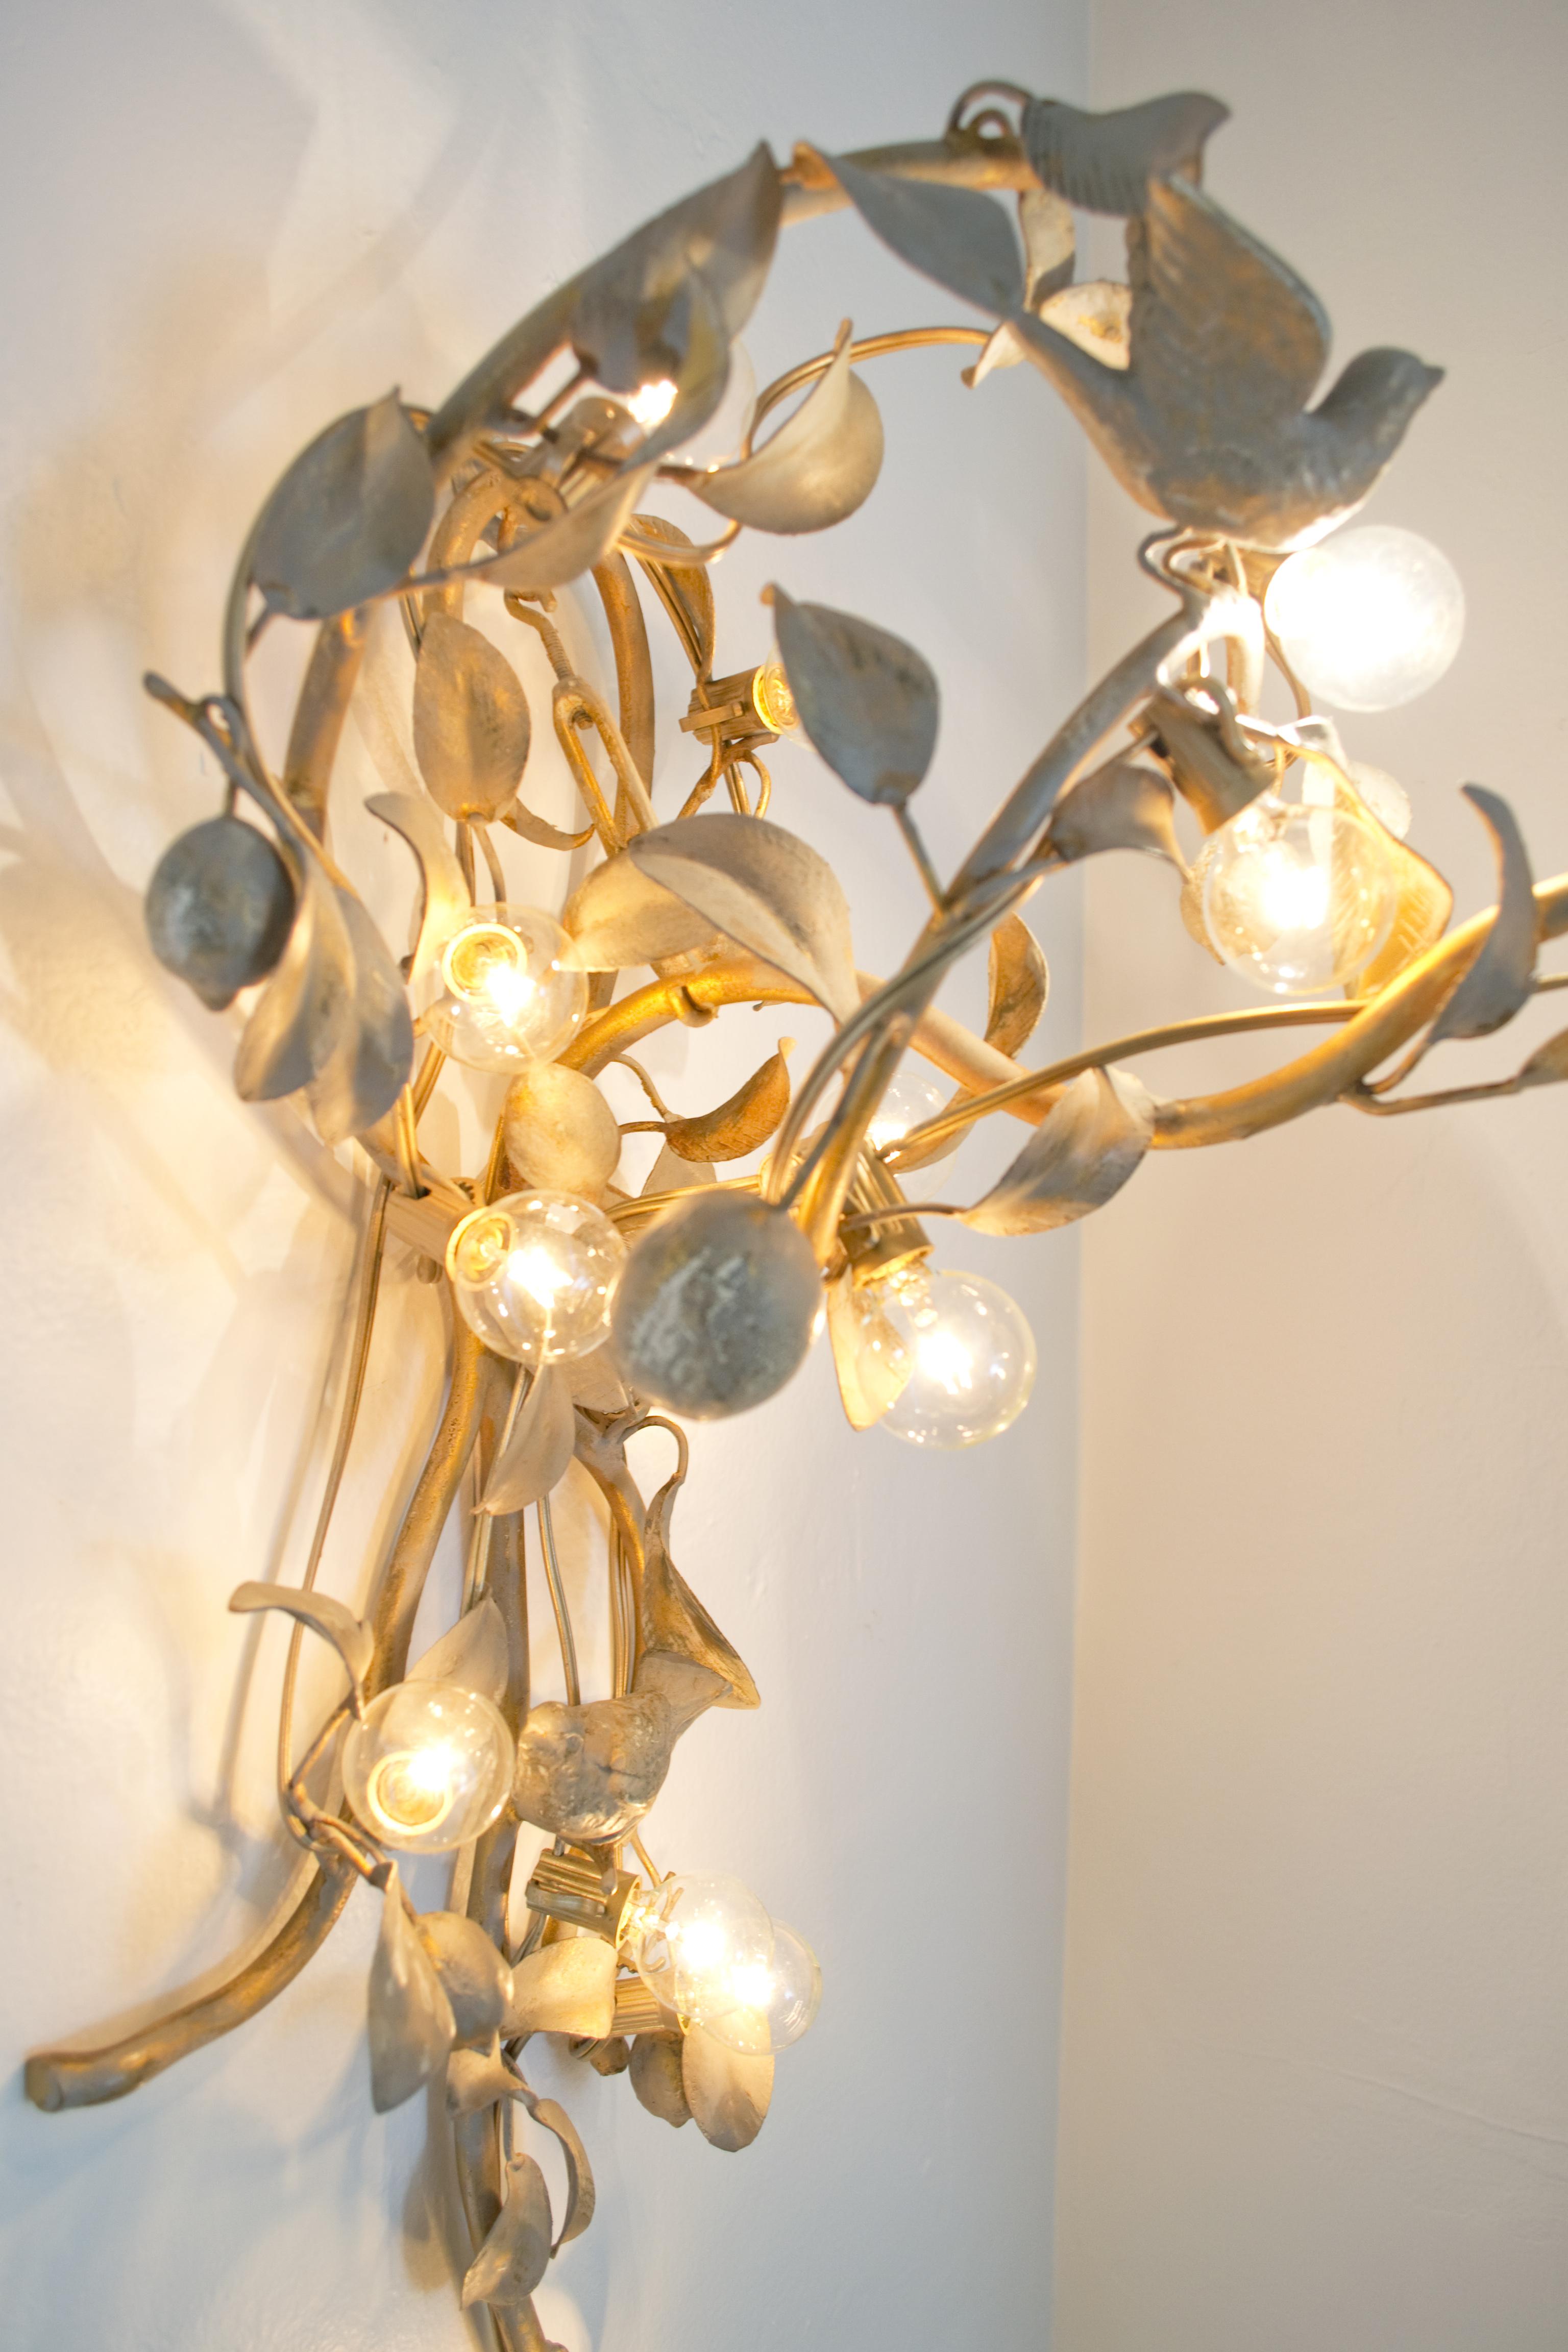 Old Sconce Lights On